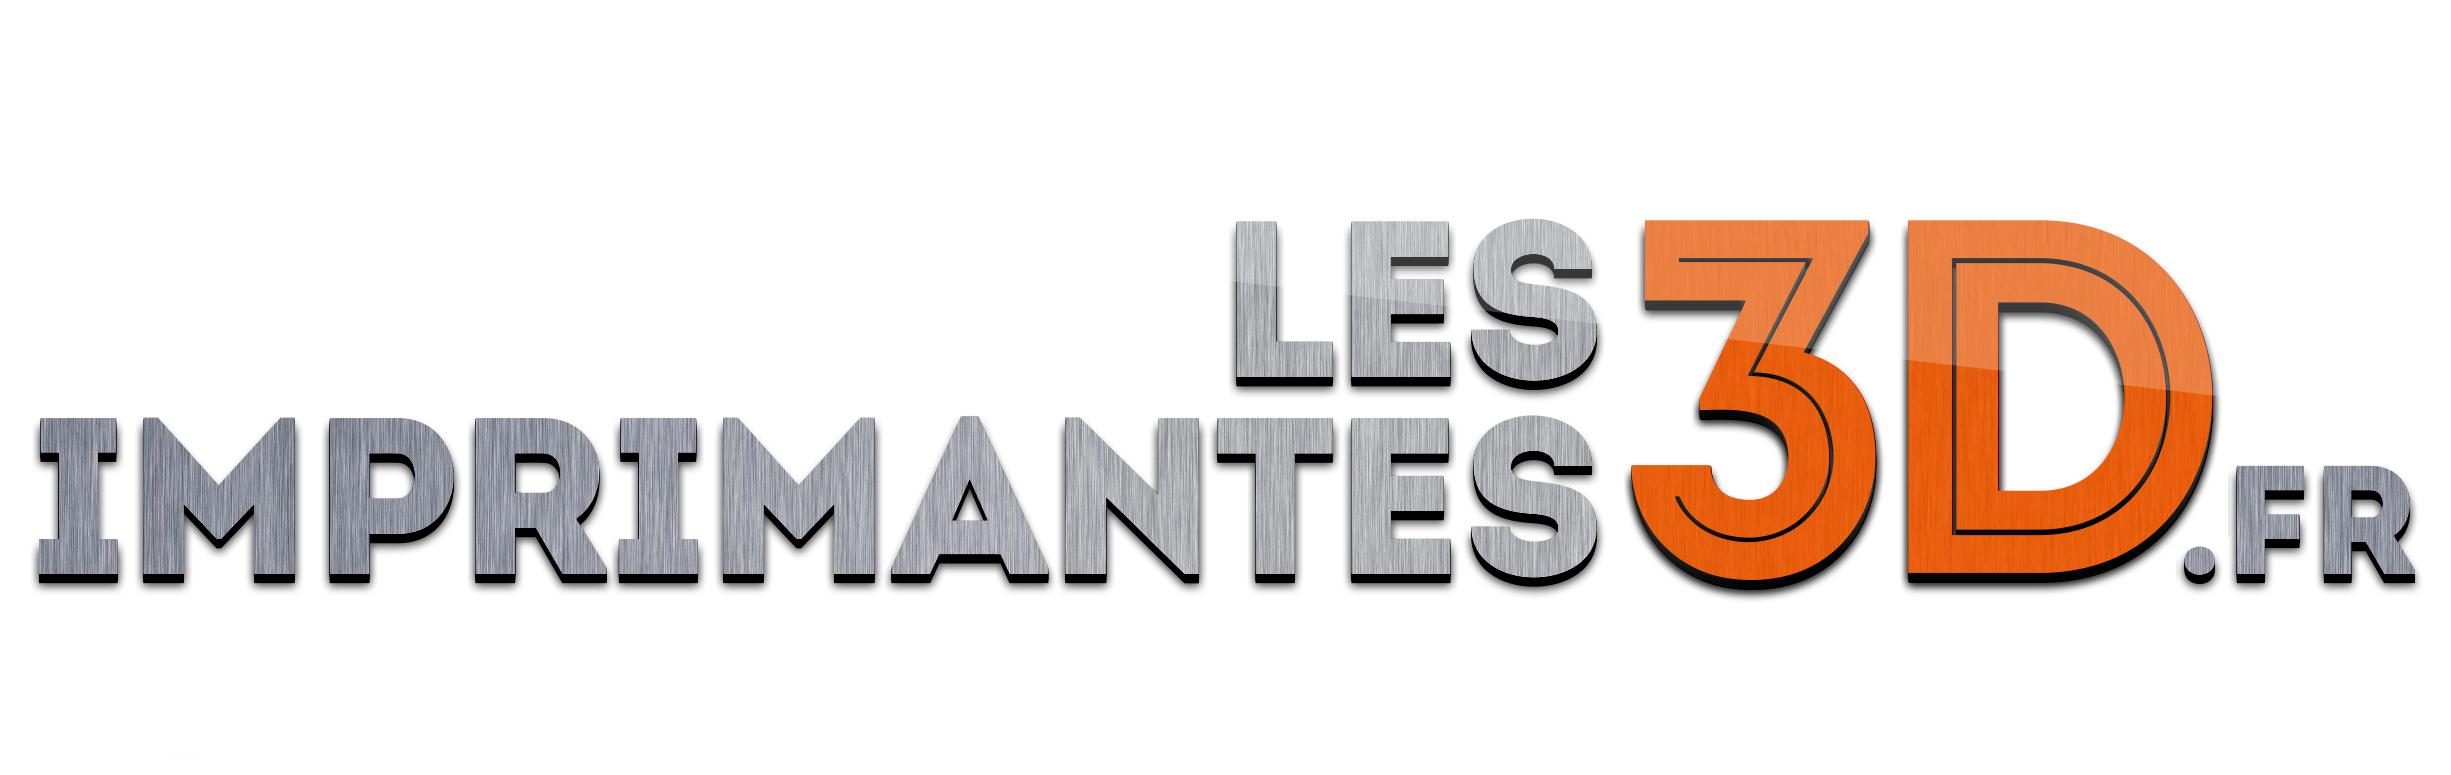 logo LesImprimantes3D.fr